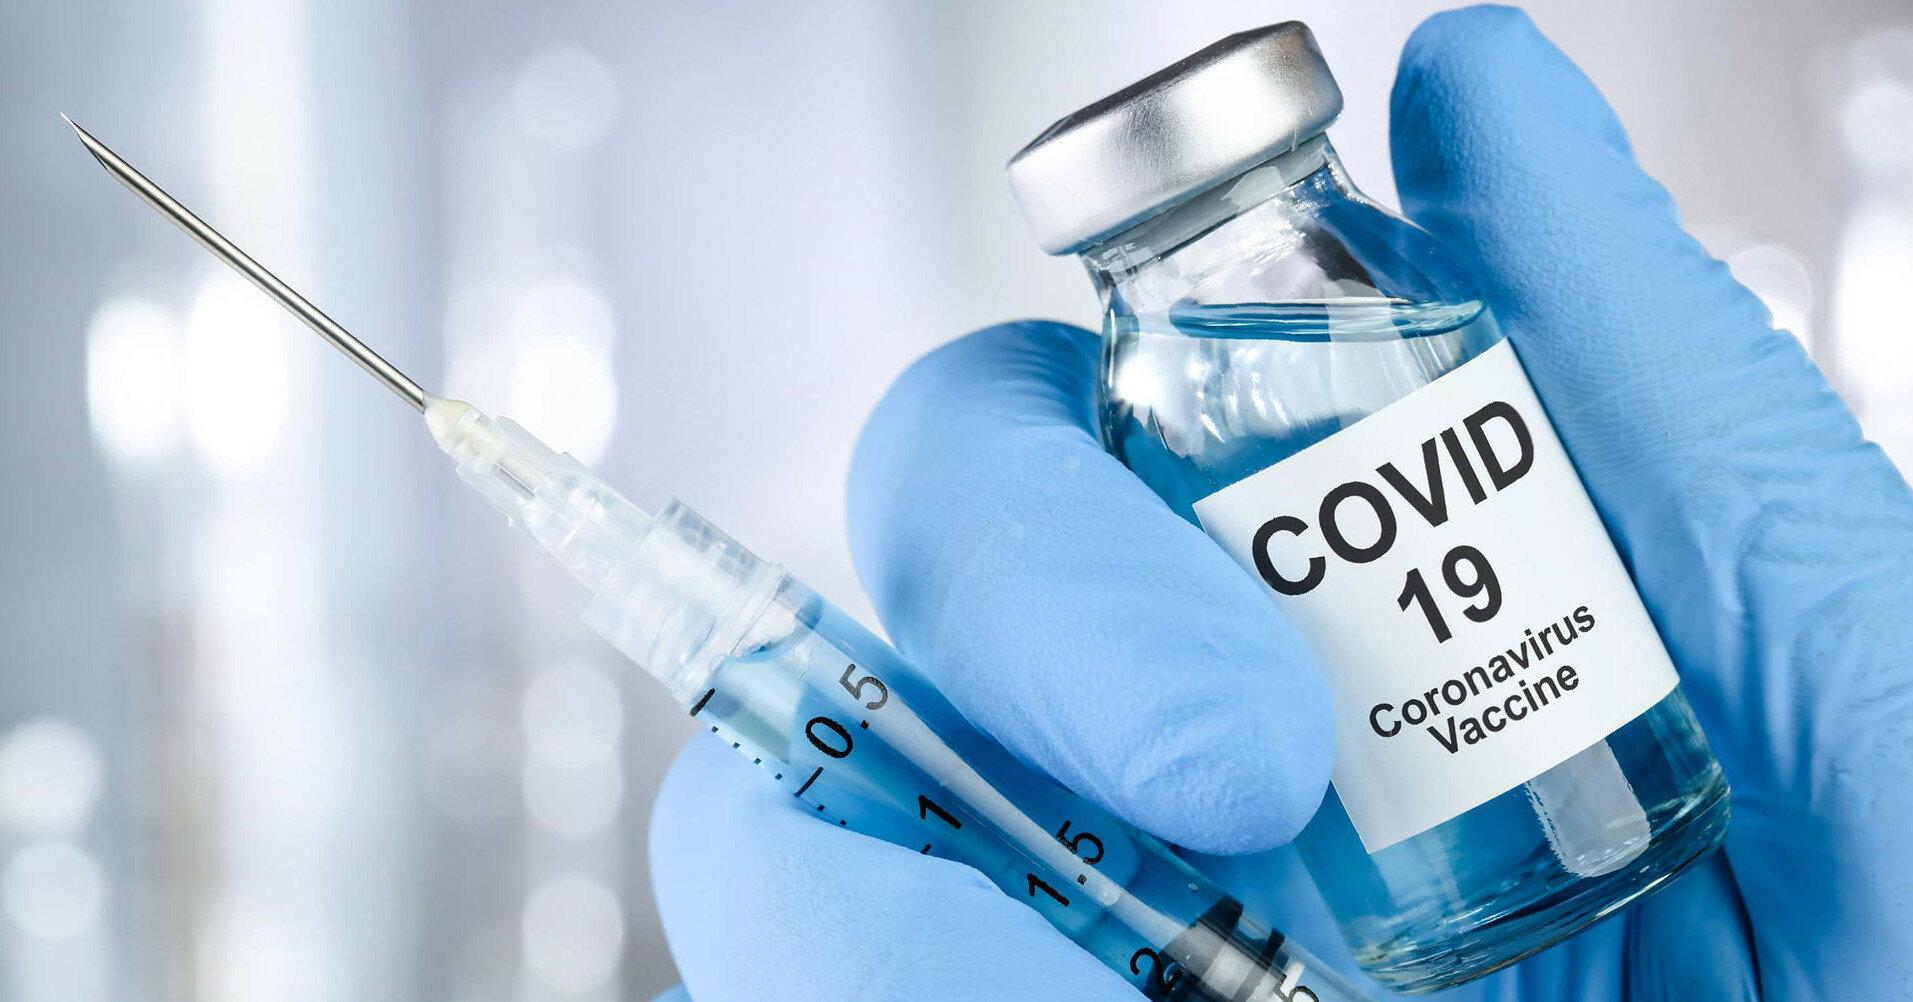 Австралия решила полностью отказаться от вакцины AstraZeneca